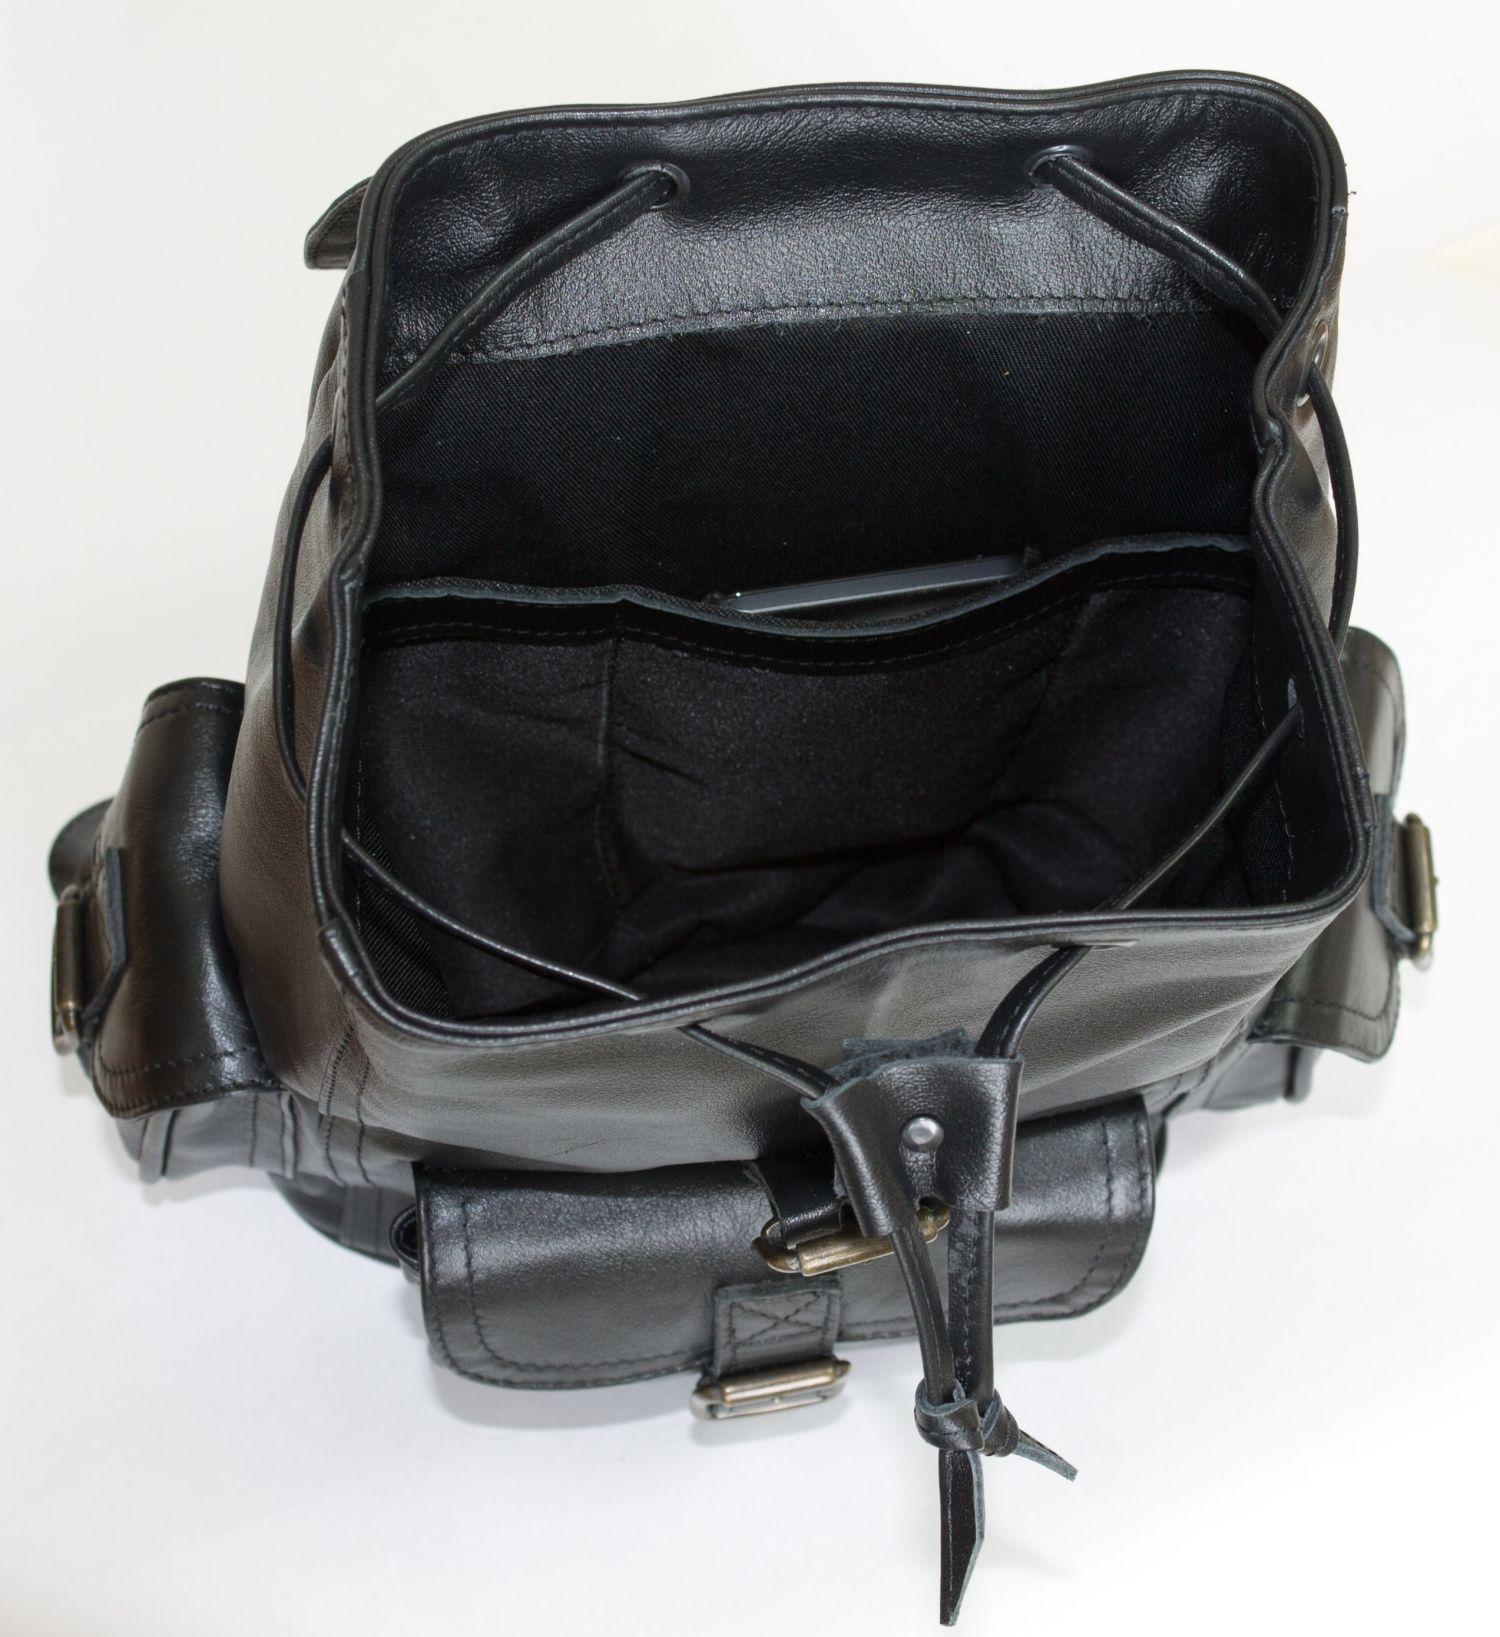 52ce5dc10a29 Универсальная сумка BRIALDI Somo (Сомо) black. Кожаный рюкзак Carlo Gattini  Verres cognac. ‹ ›